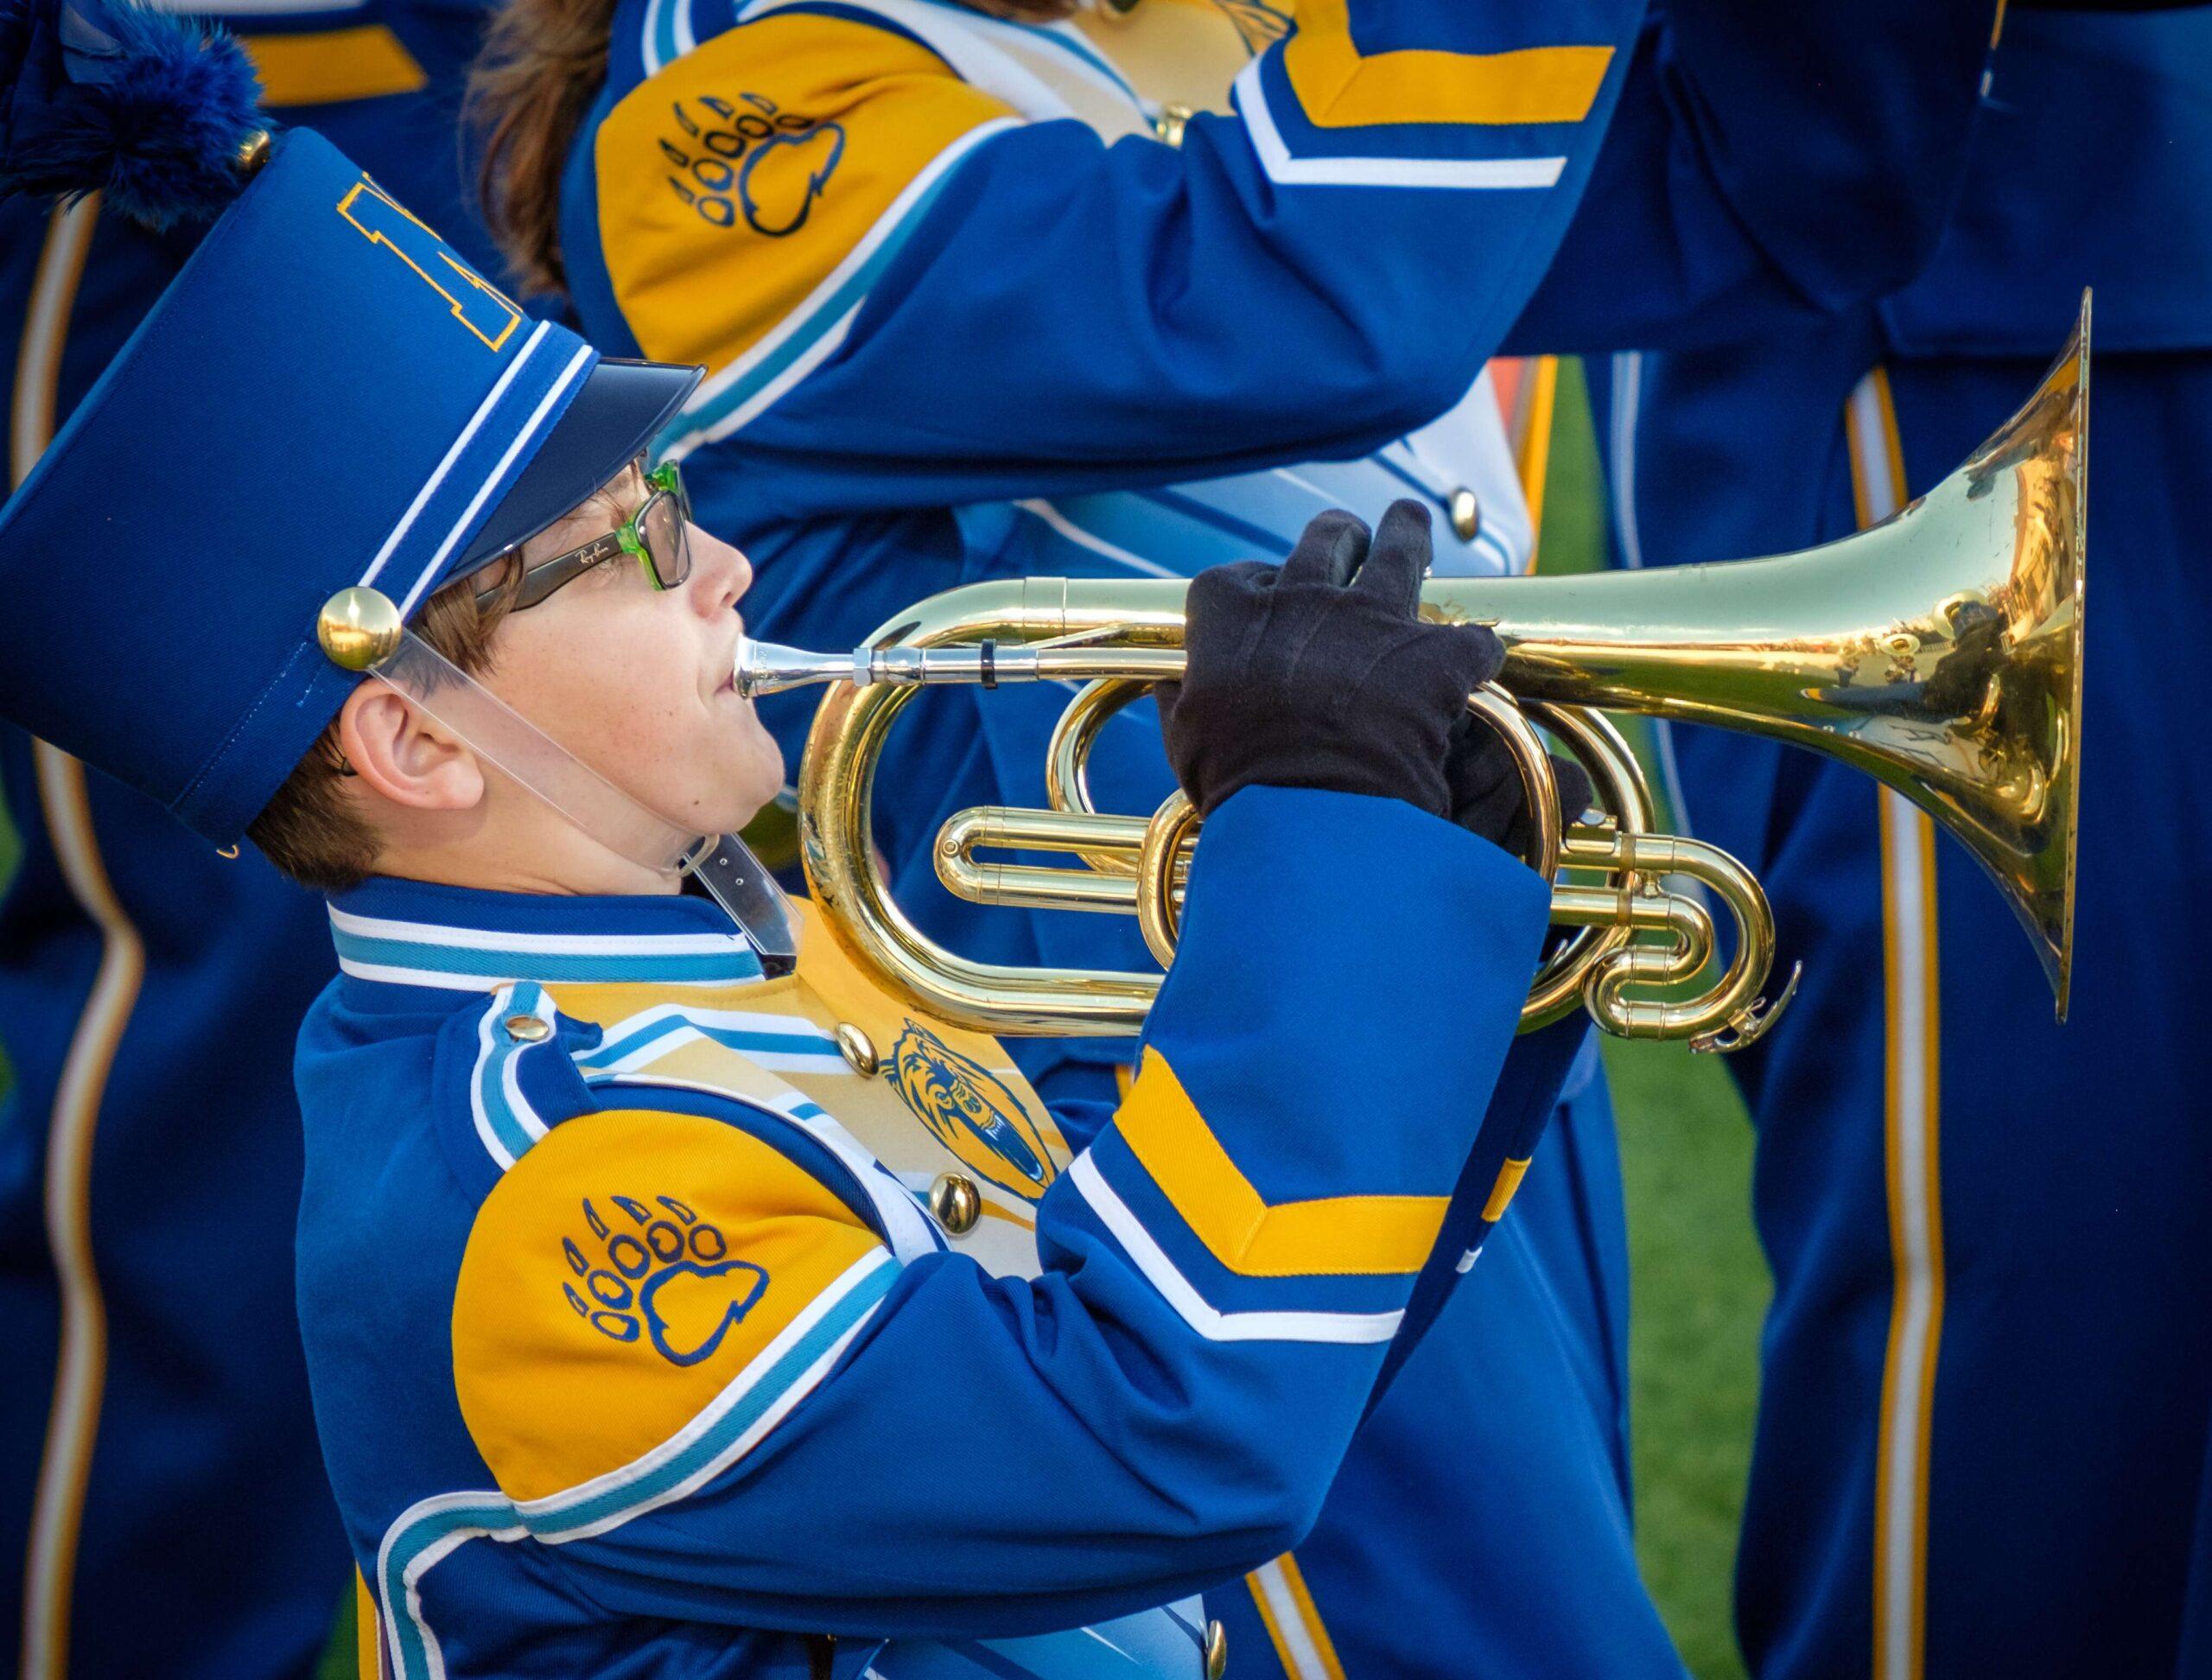 Napa High Marching Band